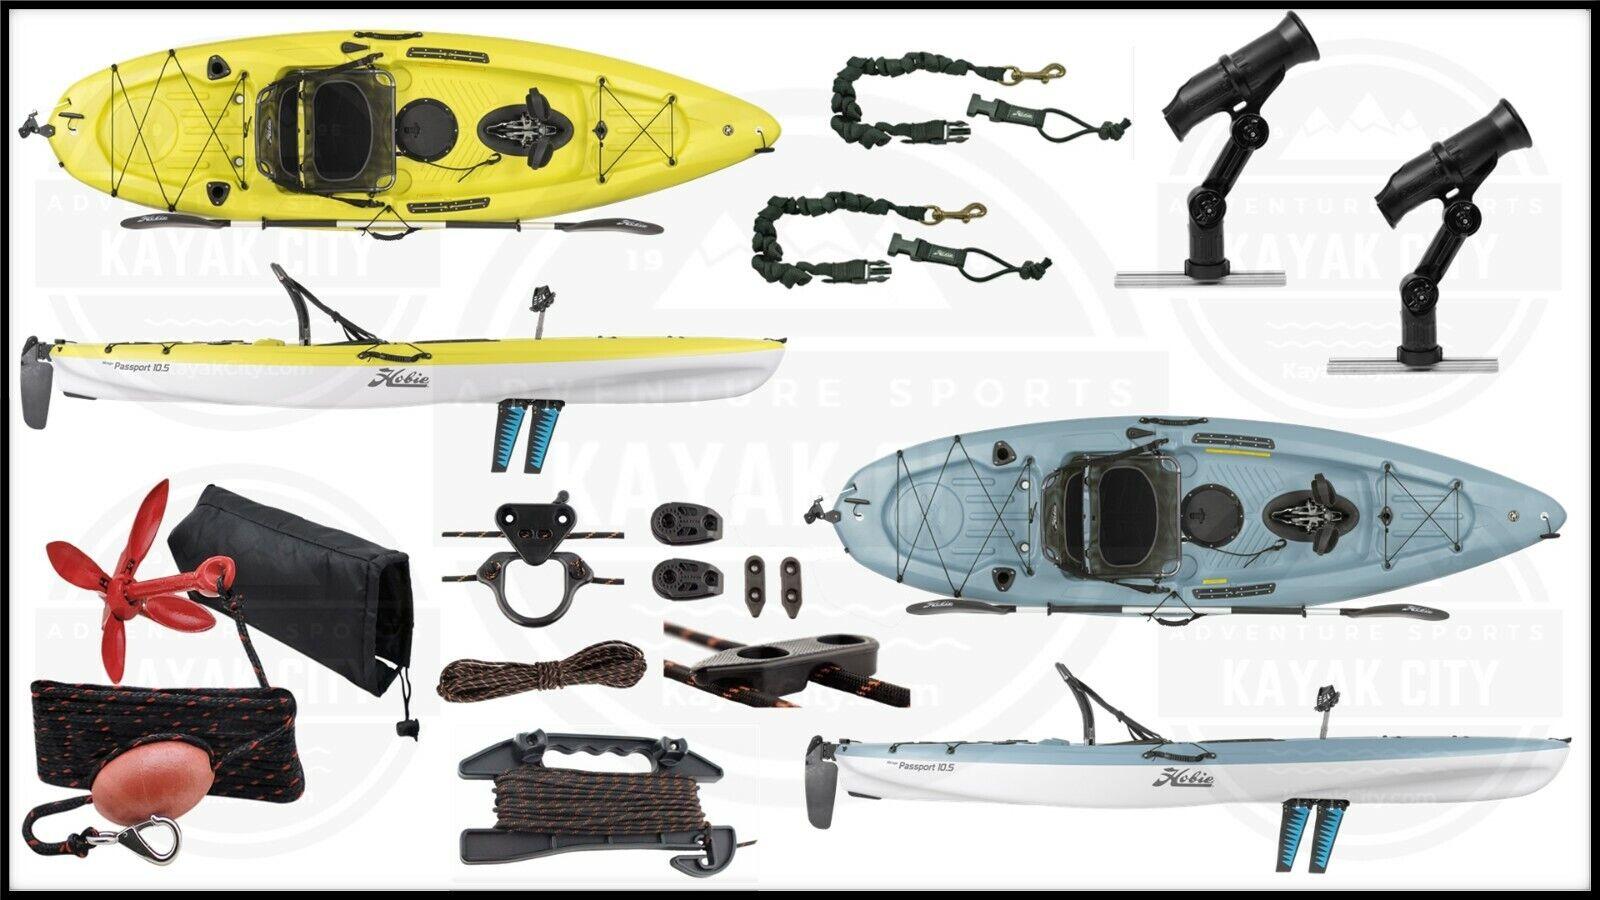 2019 Hobie Mirage Passport 10.5 - Pedal Fishing Kayak | Fish